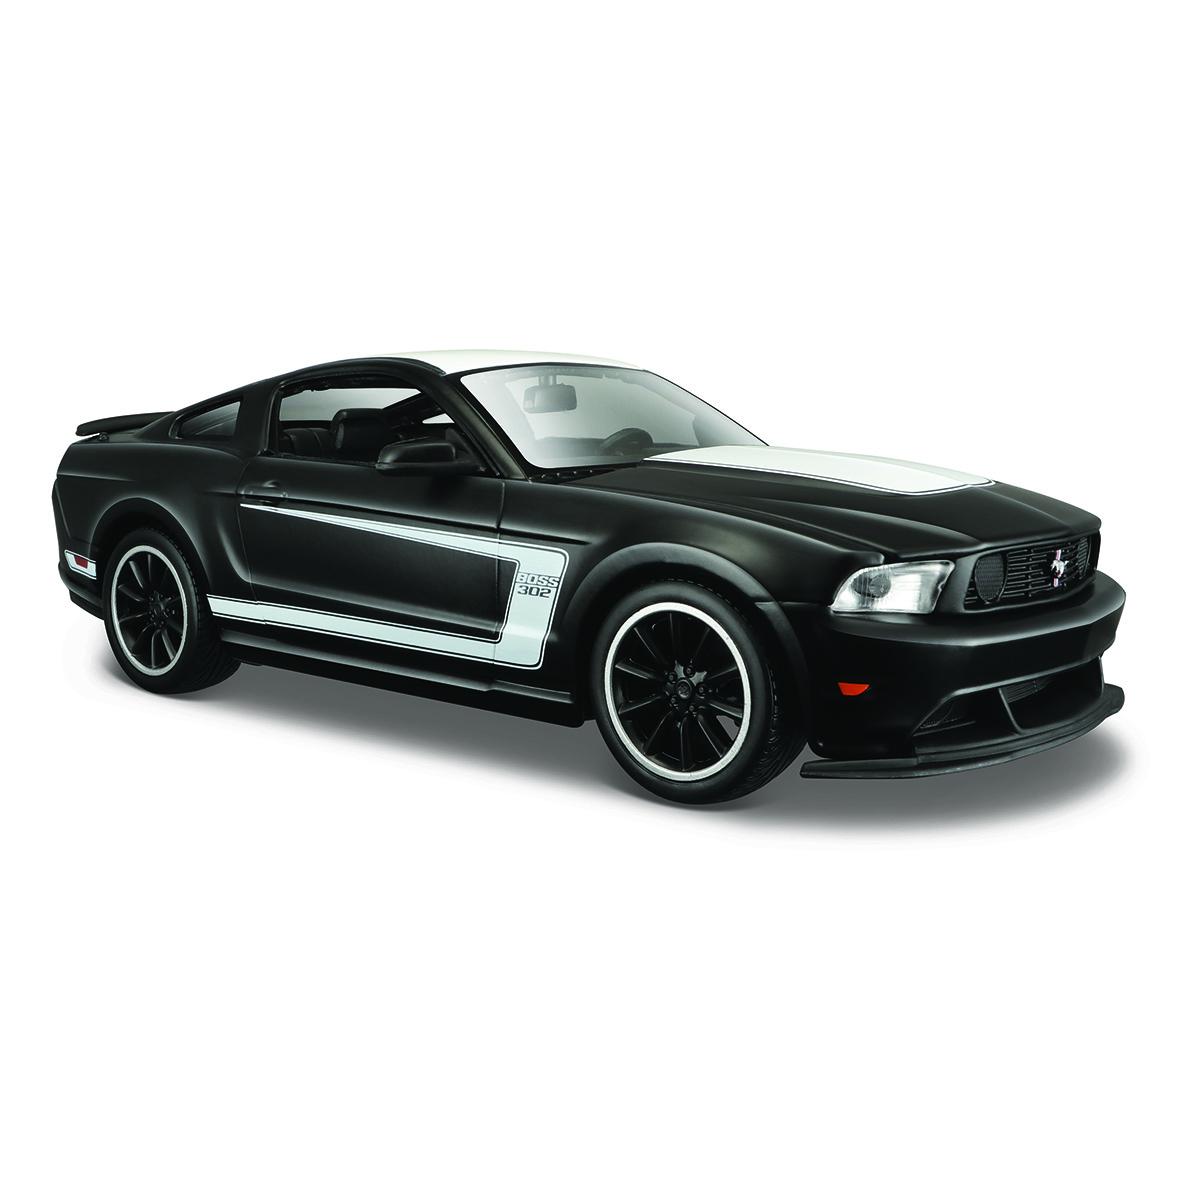 Masinuta Maisto Ford Mustang Boss 302. 1:24. Negru mat